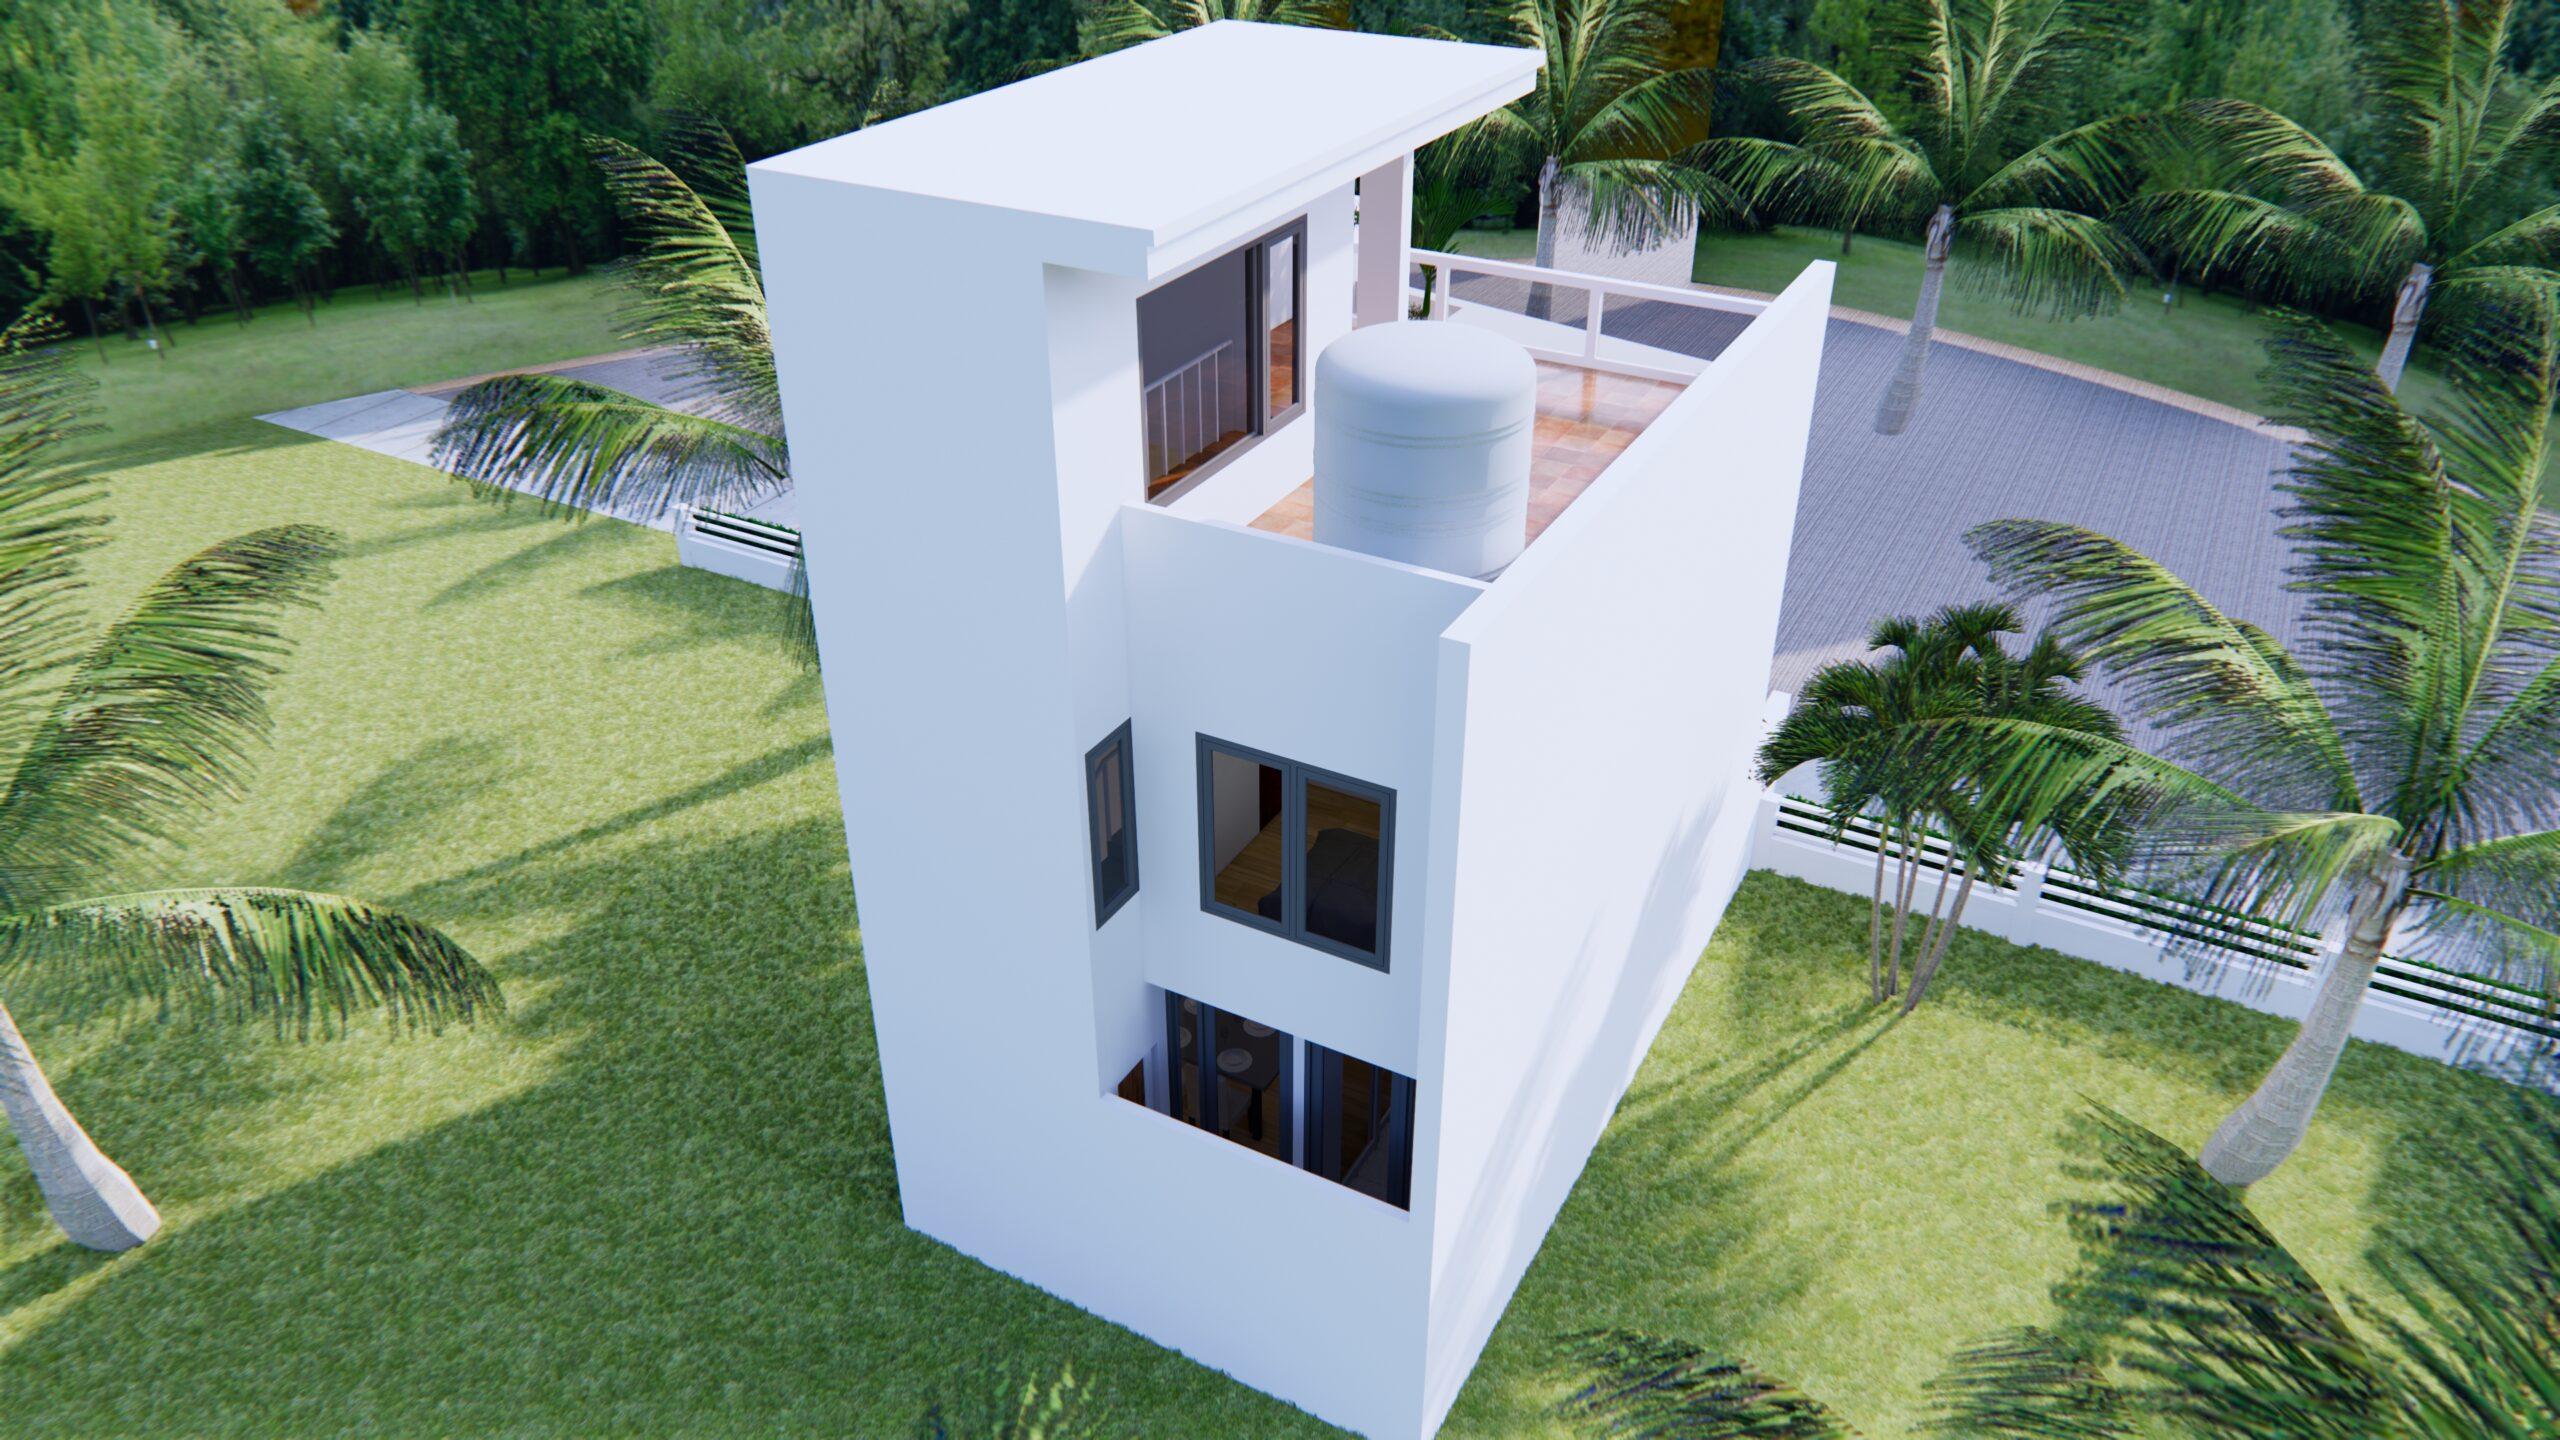 Home Designs 5x10 Meter 17x33 Feet 2 Beds 6